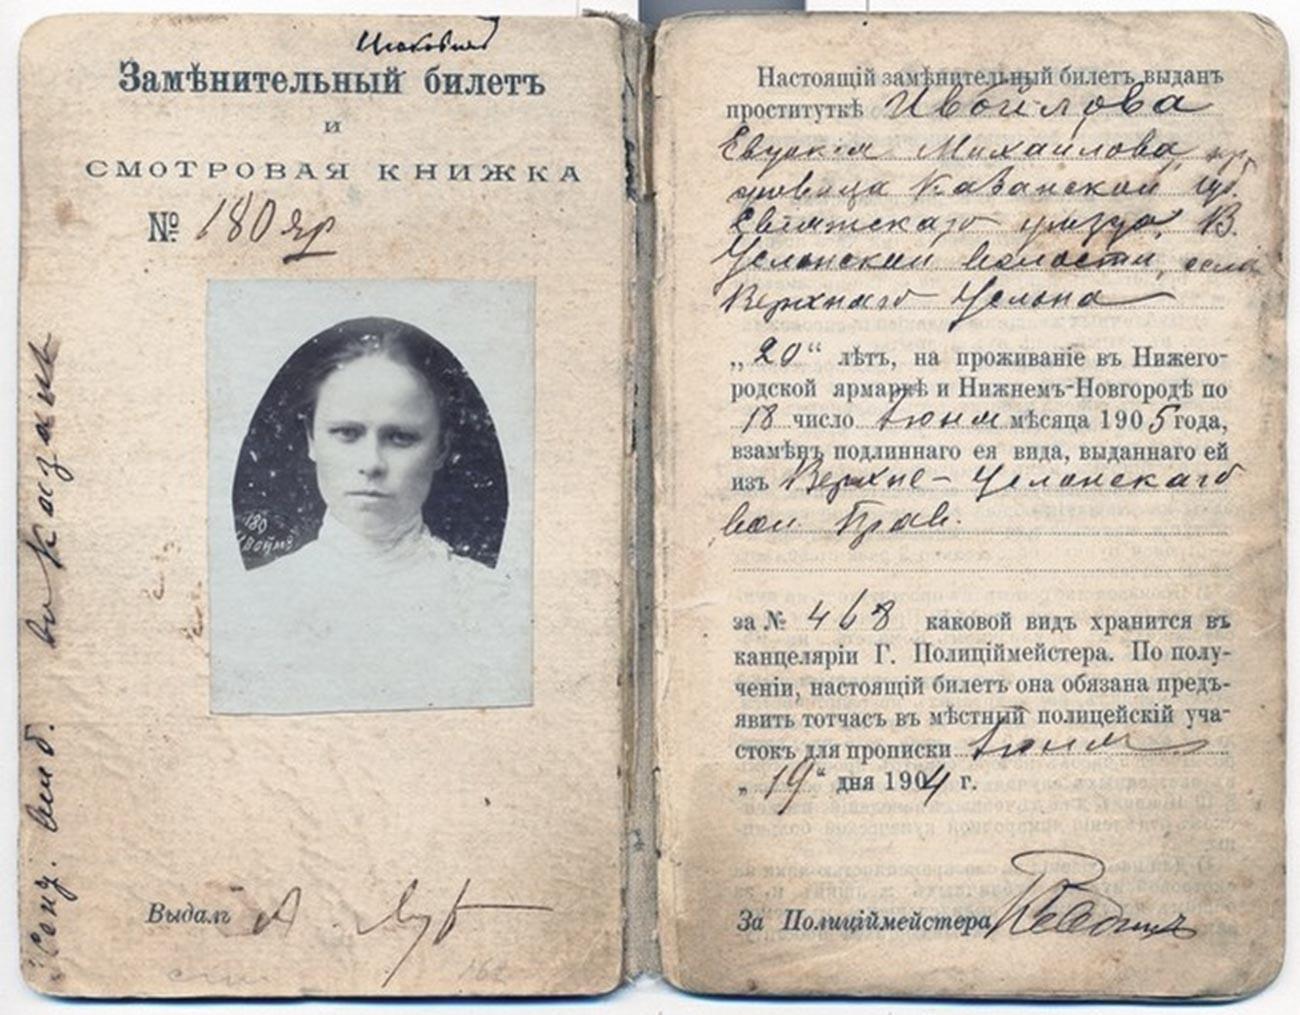 """Легитимација на """"продавачка на љубов"""" со дозвола за работа на панаѓурот во Нижни Новгород, 1904-1905 година."""